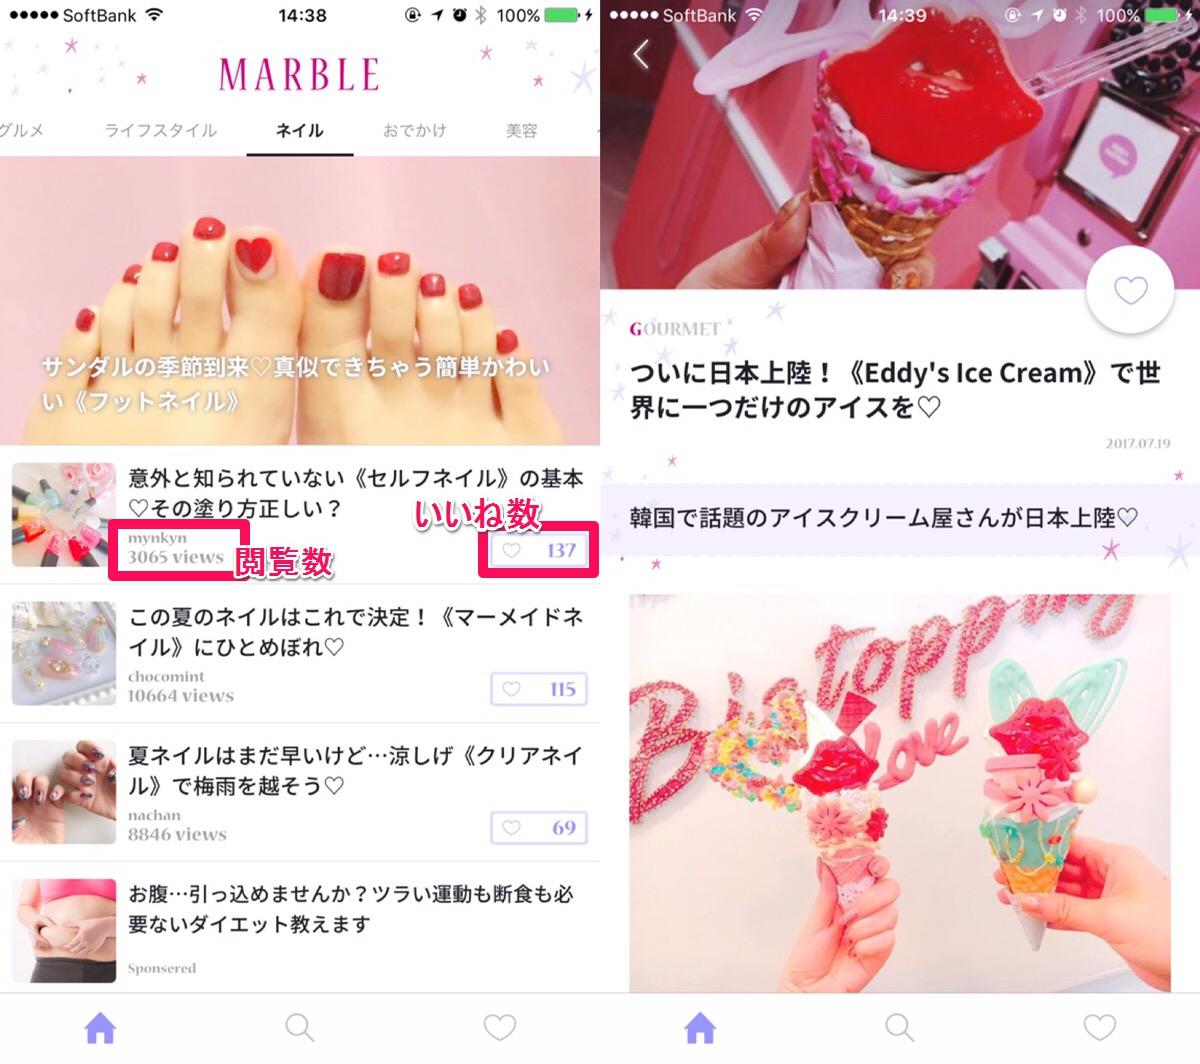 女性向けキュレーションアプリ「MARBLE」インスタ映えするお店探し